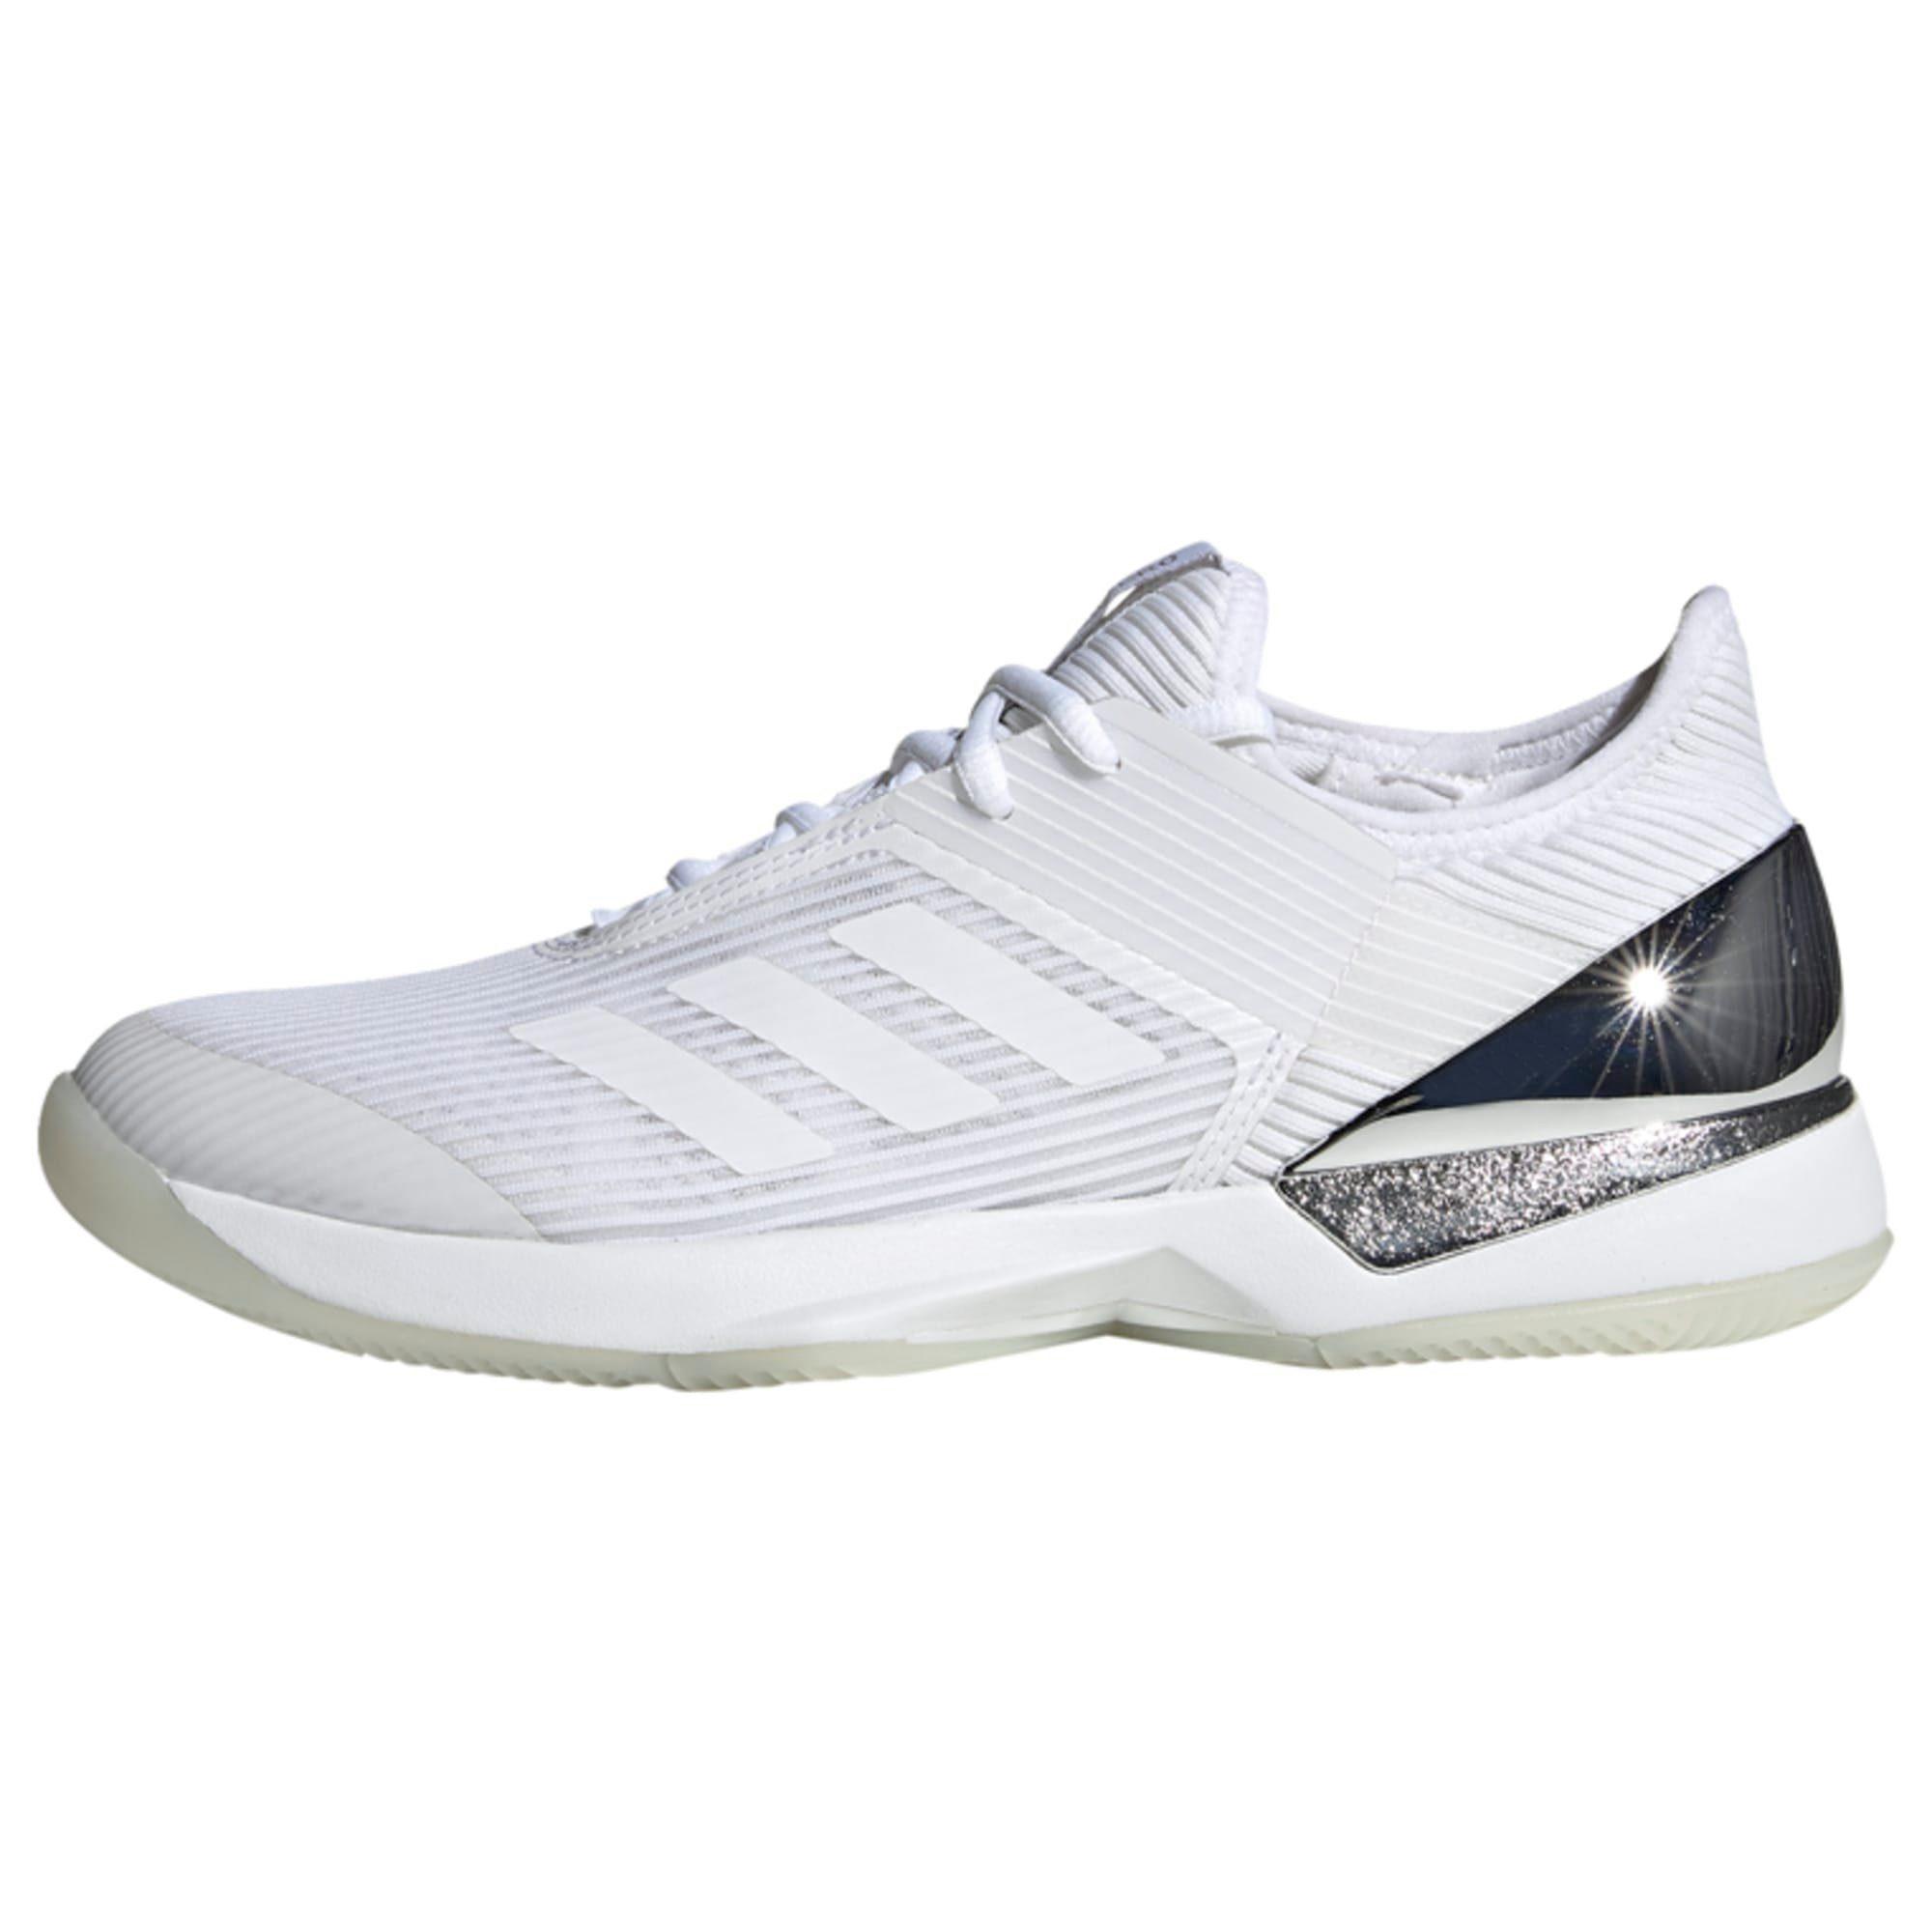 adidas Performance »Ubersonic 3 Hard Court Schuh« Laufschuh adizero online kaufen   OTTO